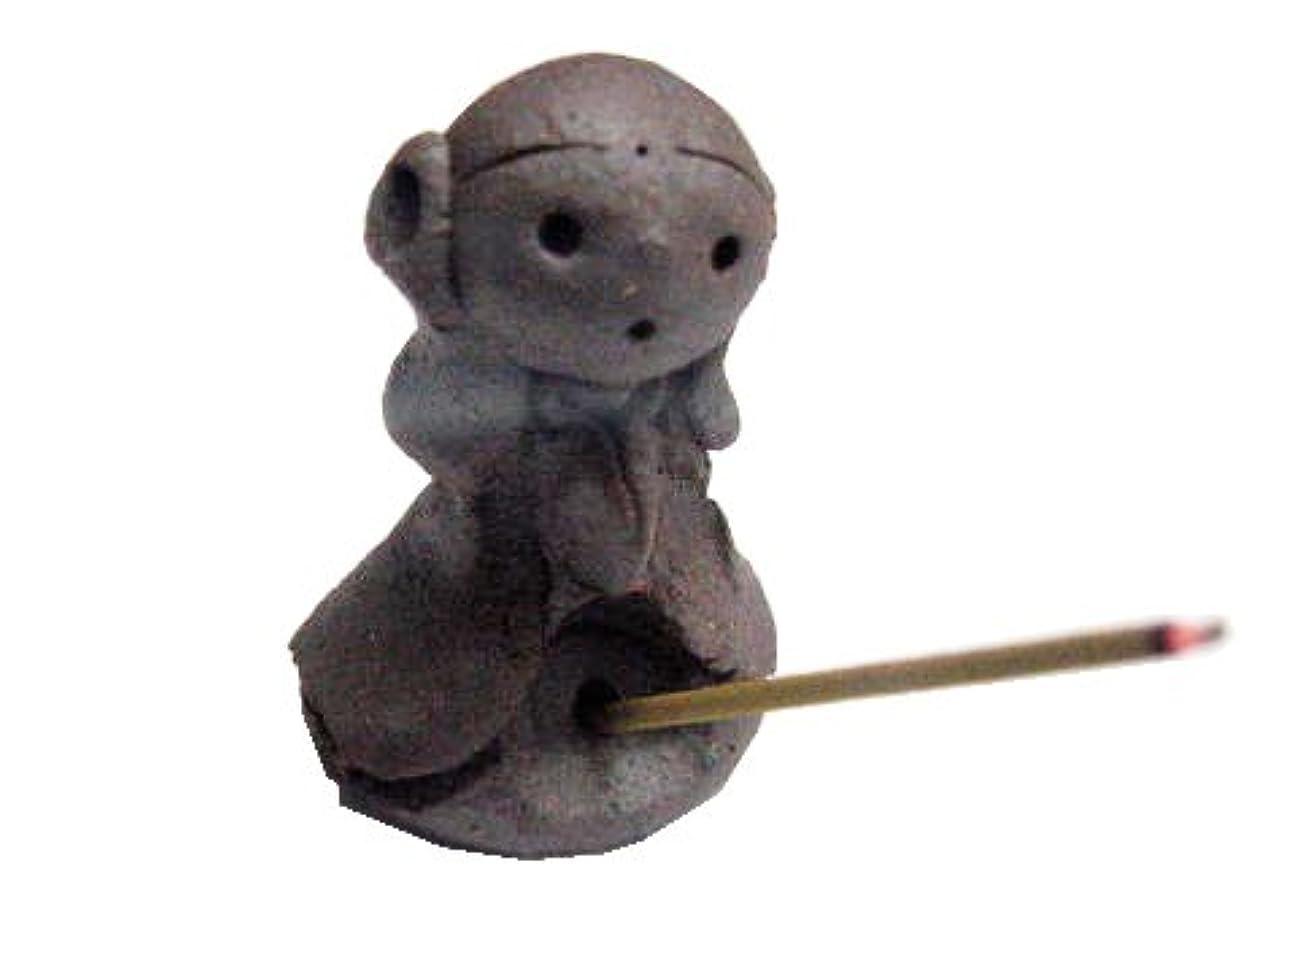 自治振動させるモール淡路梅薫堂の可愛い幸せを呼ぶお地蔵様のお香立て スティック コーン かわいい incense stick cones holder #433